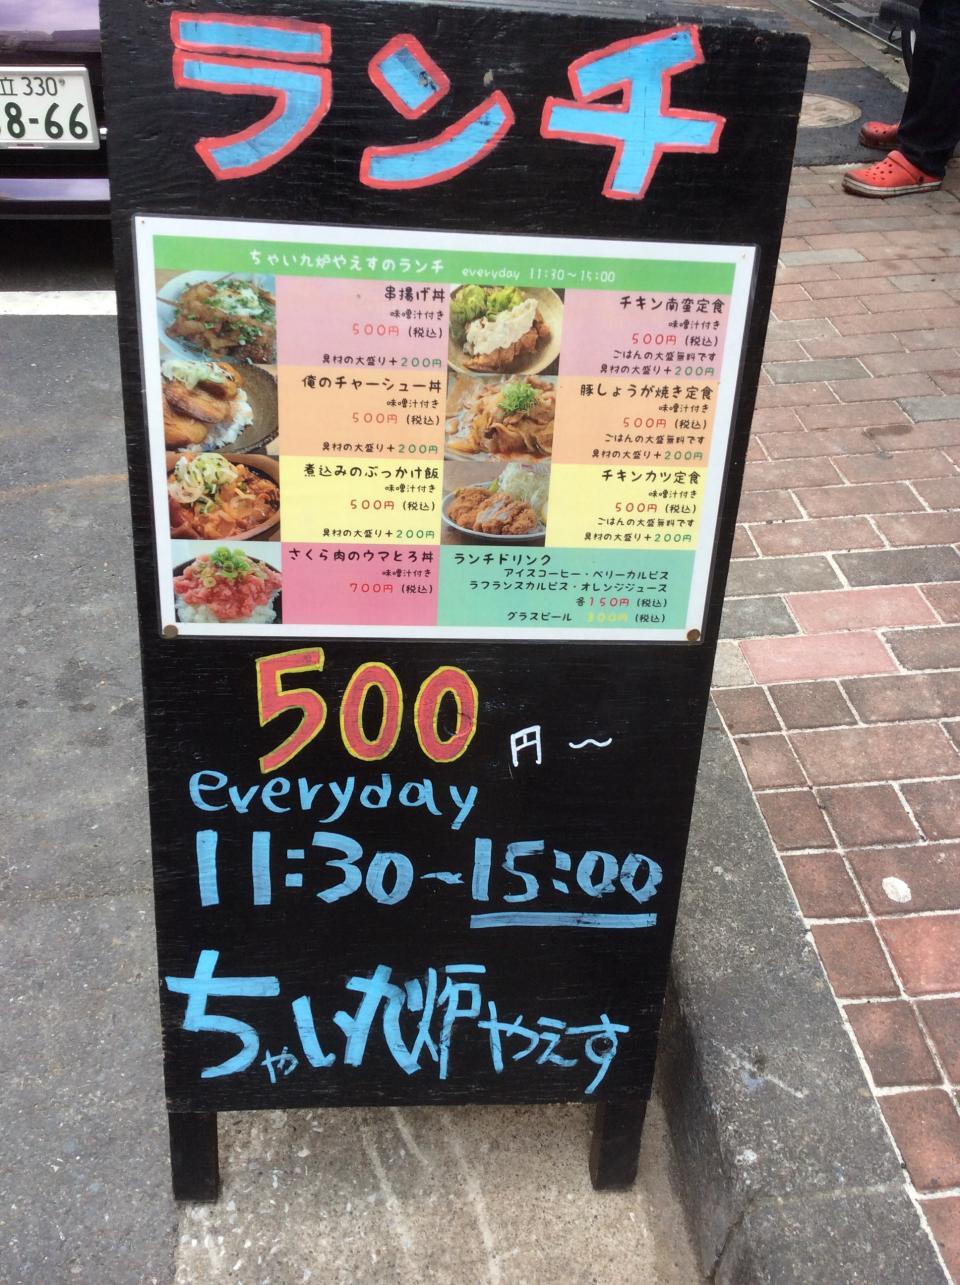 ちゃい九炉 八重洲店(店舗)